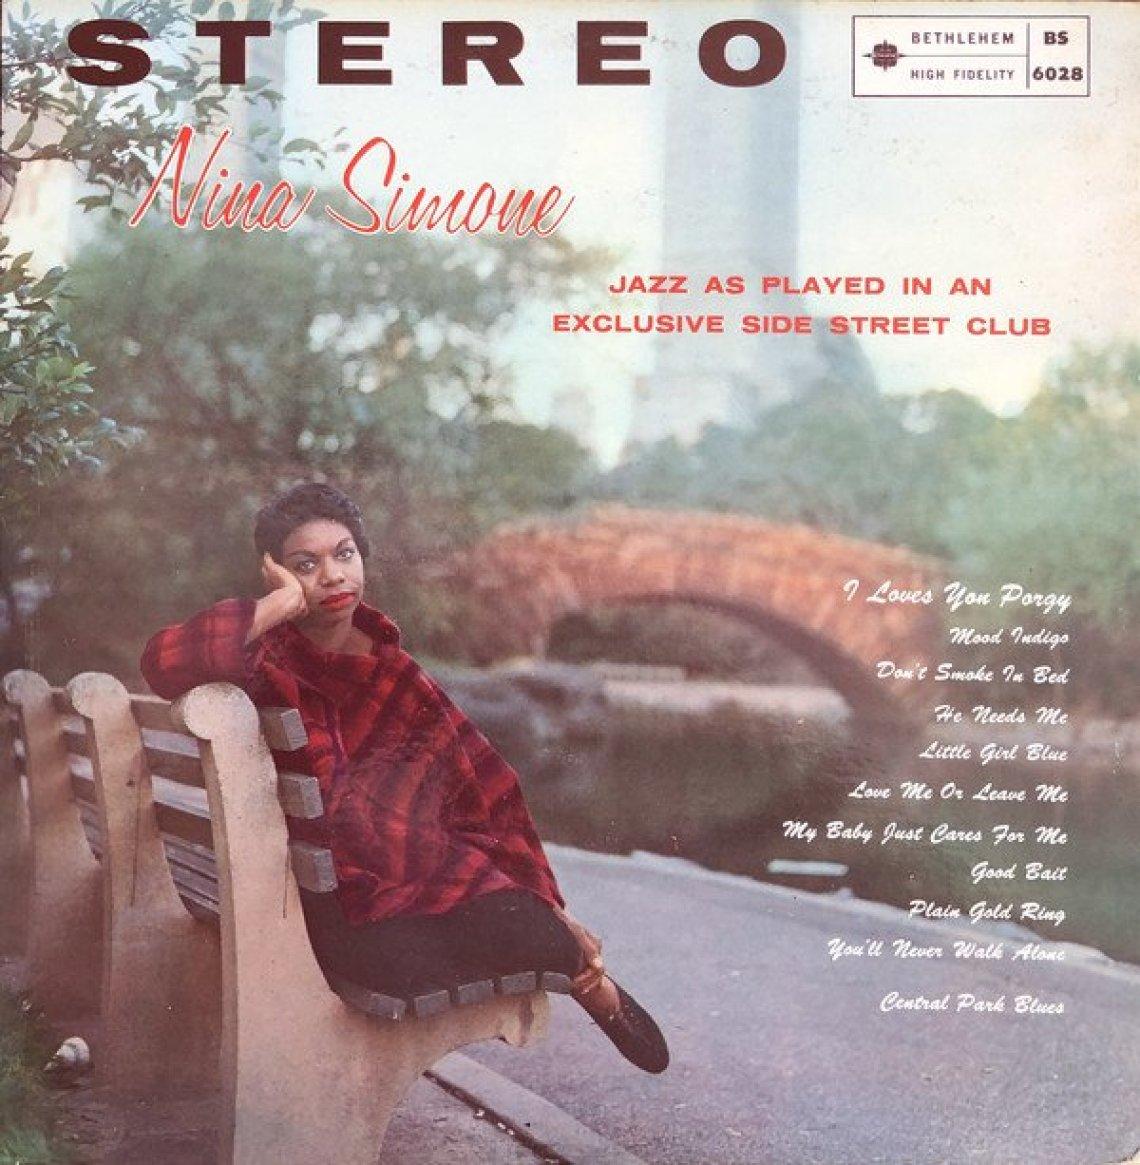 Little Girl Blue (1959) album cover - 40 Best Nina Simone Songs (The Legend Slot) - Female Original